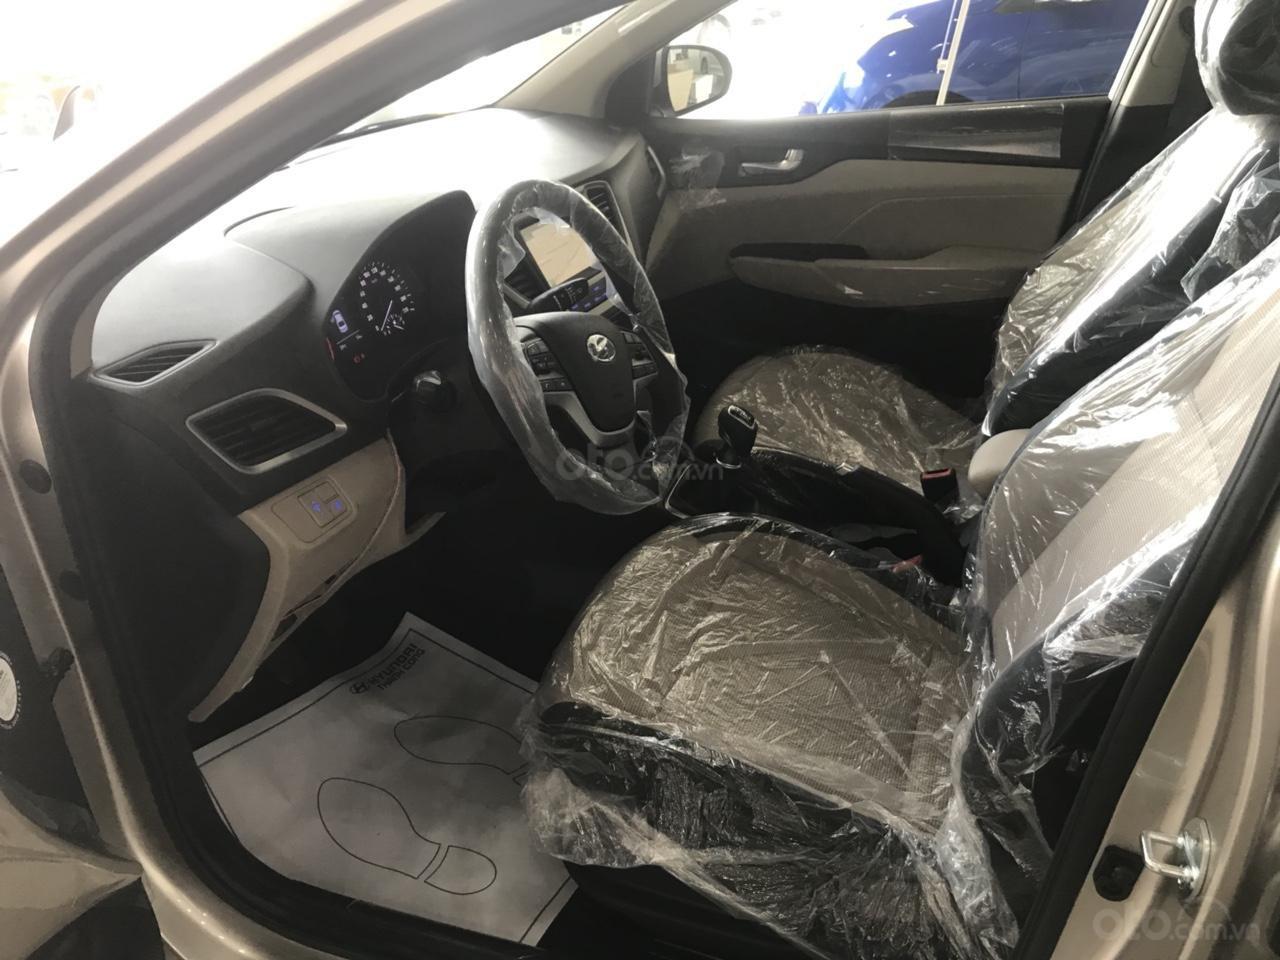 Bán Hyundai Accent 2019 mới - giá tốt - xe giao ngay, liên hệ 0909.342.986 (6)